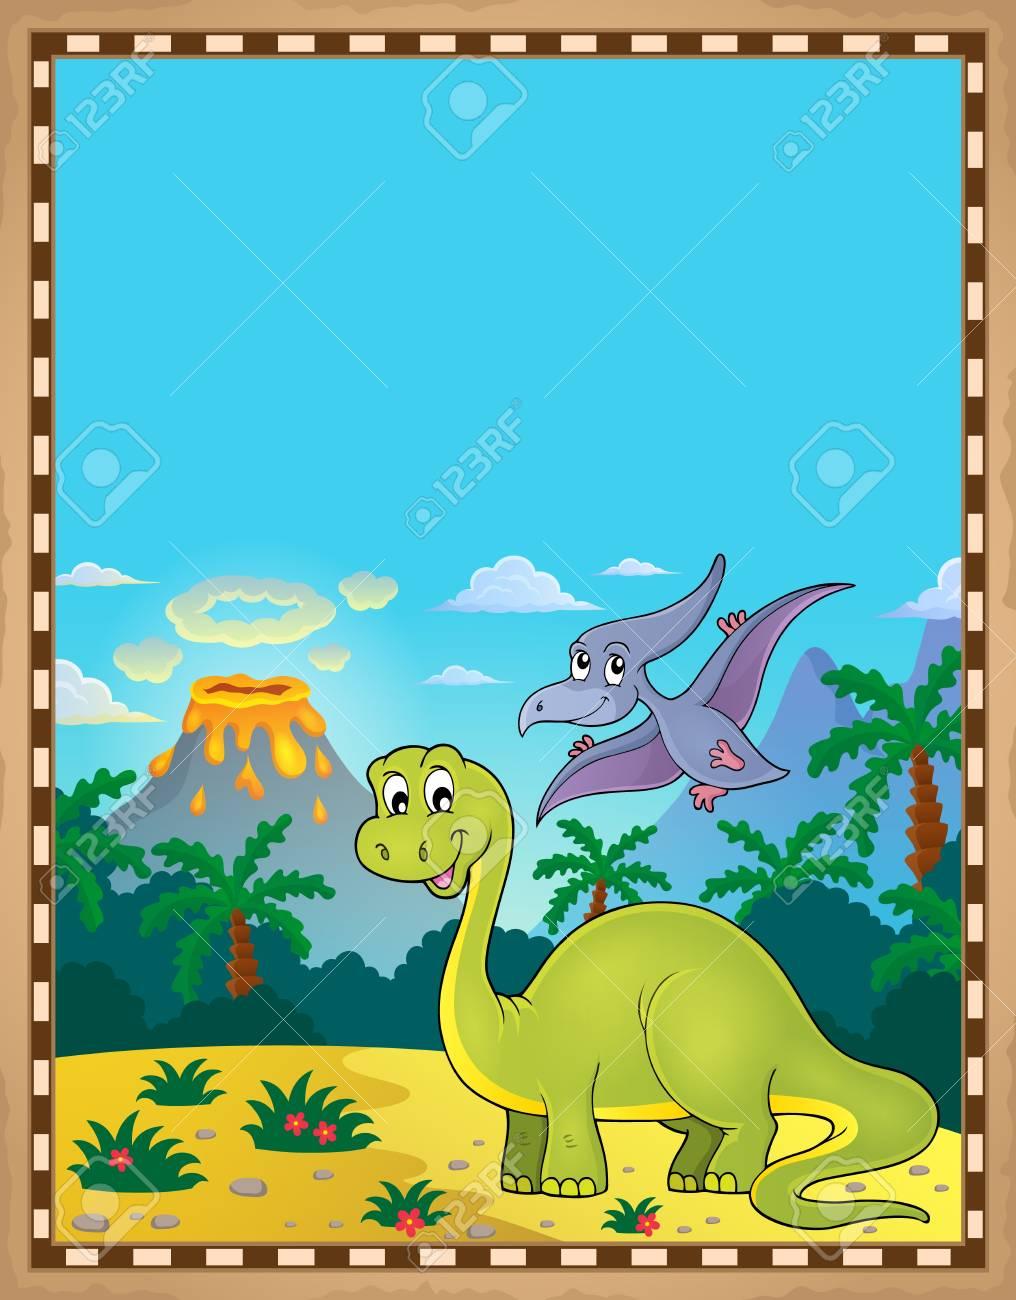 Dinosaur theme parchment 1 - eps10 vector illustration. - 126513671